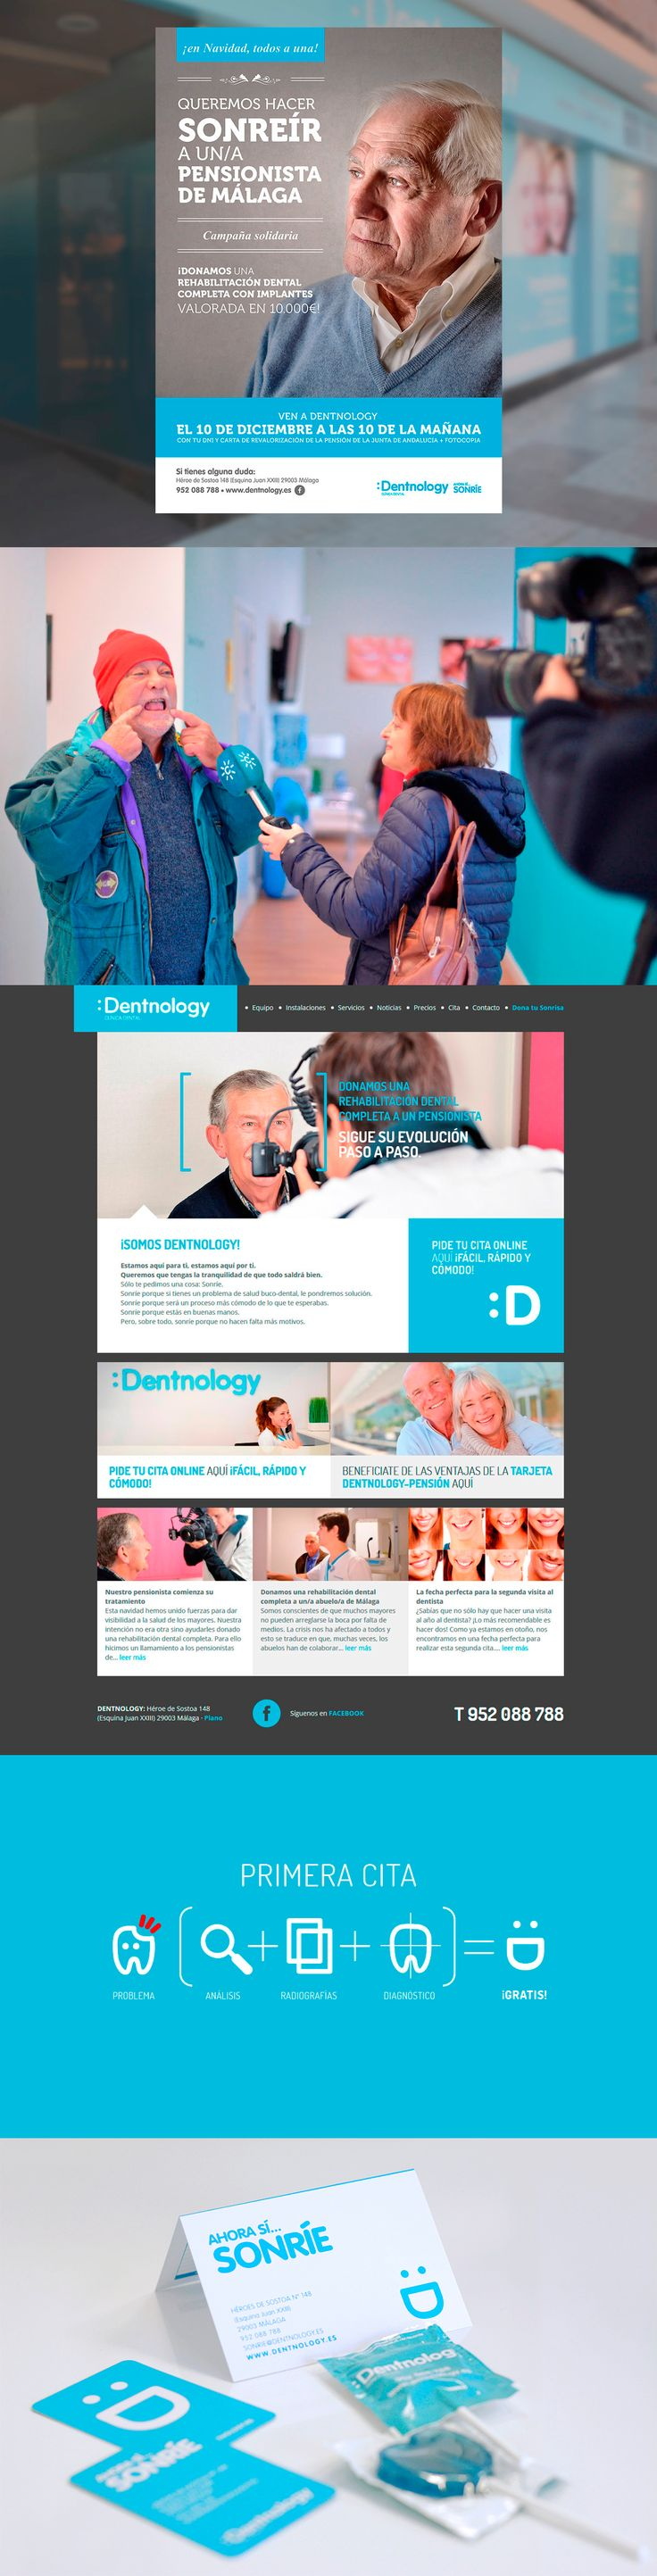 Dentnology. Una clínica dental con una sensibilidad especial en la cercanía y el trato humano. Así desarrollamos en Factor ñ su imagen de marca.